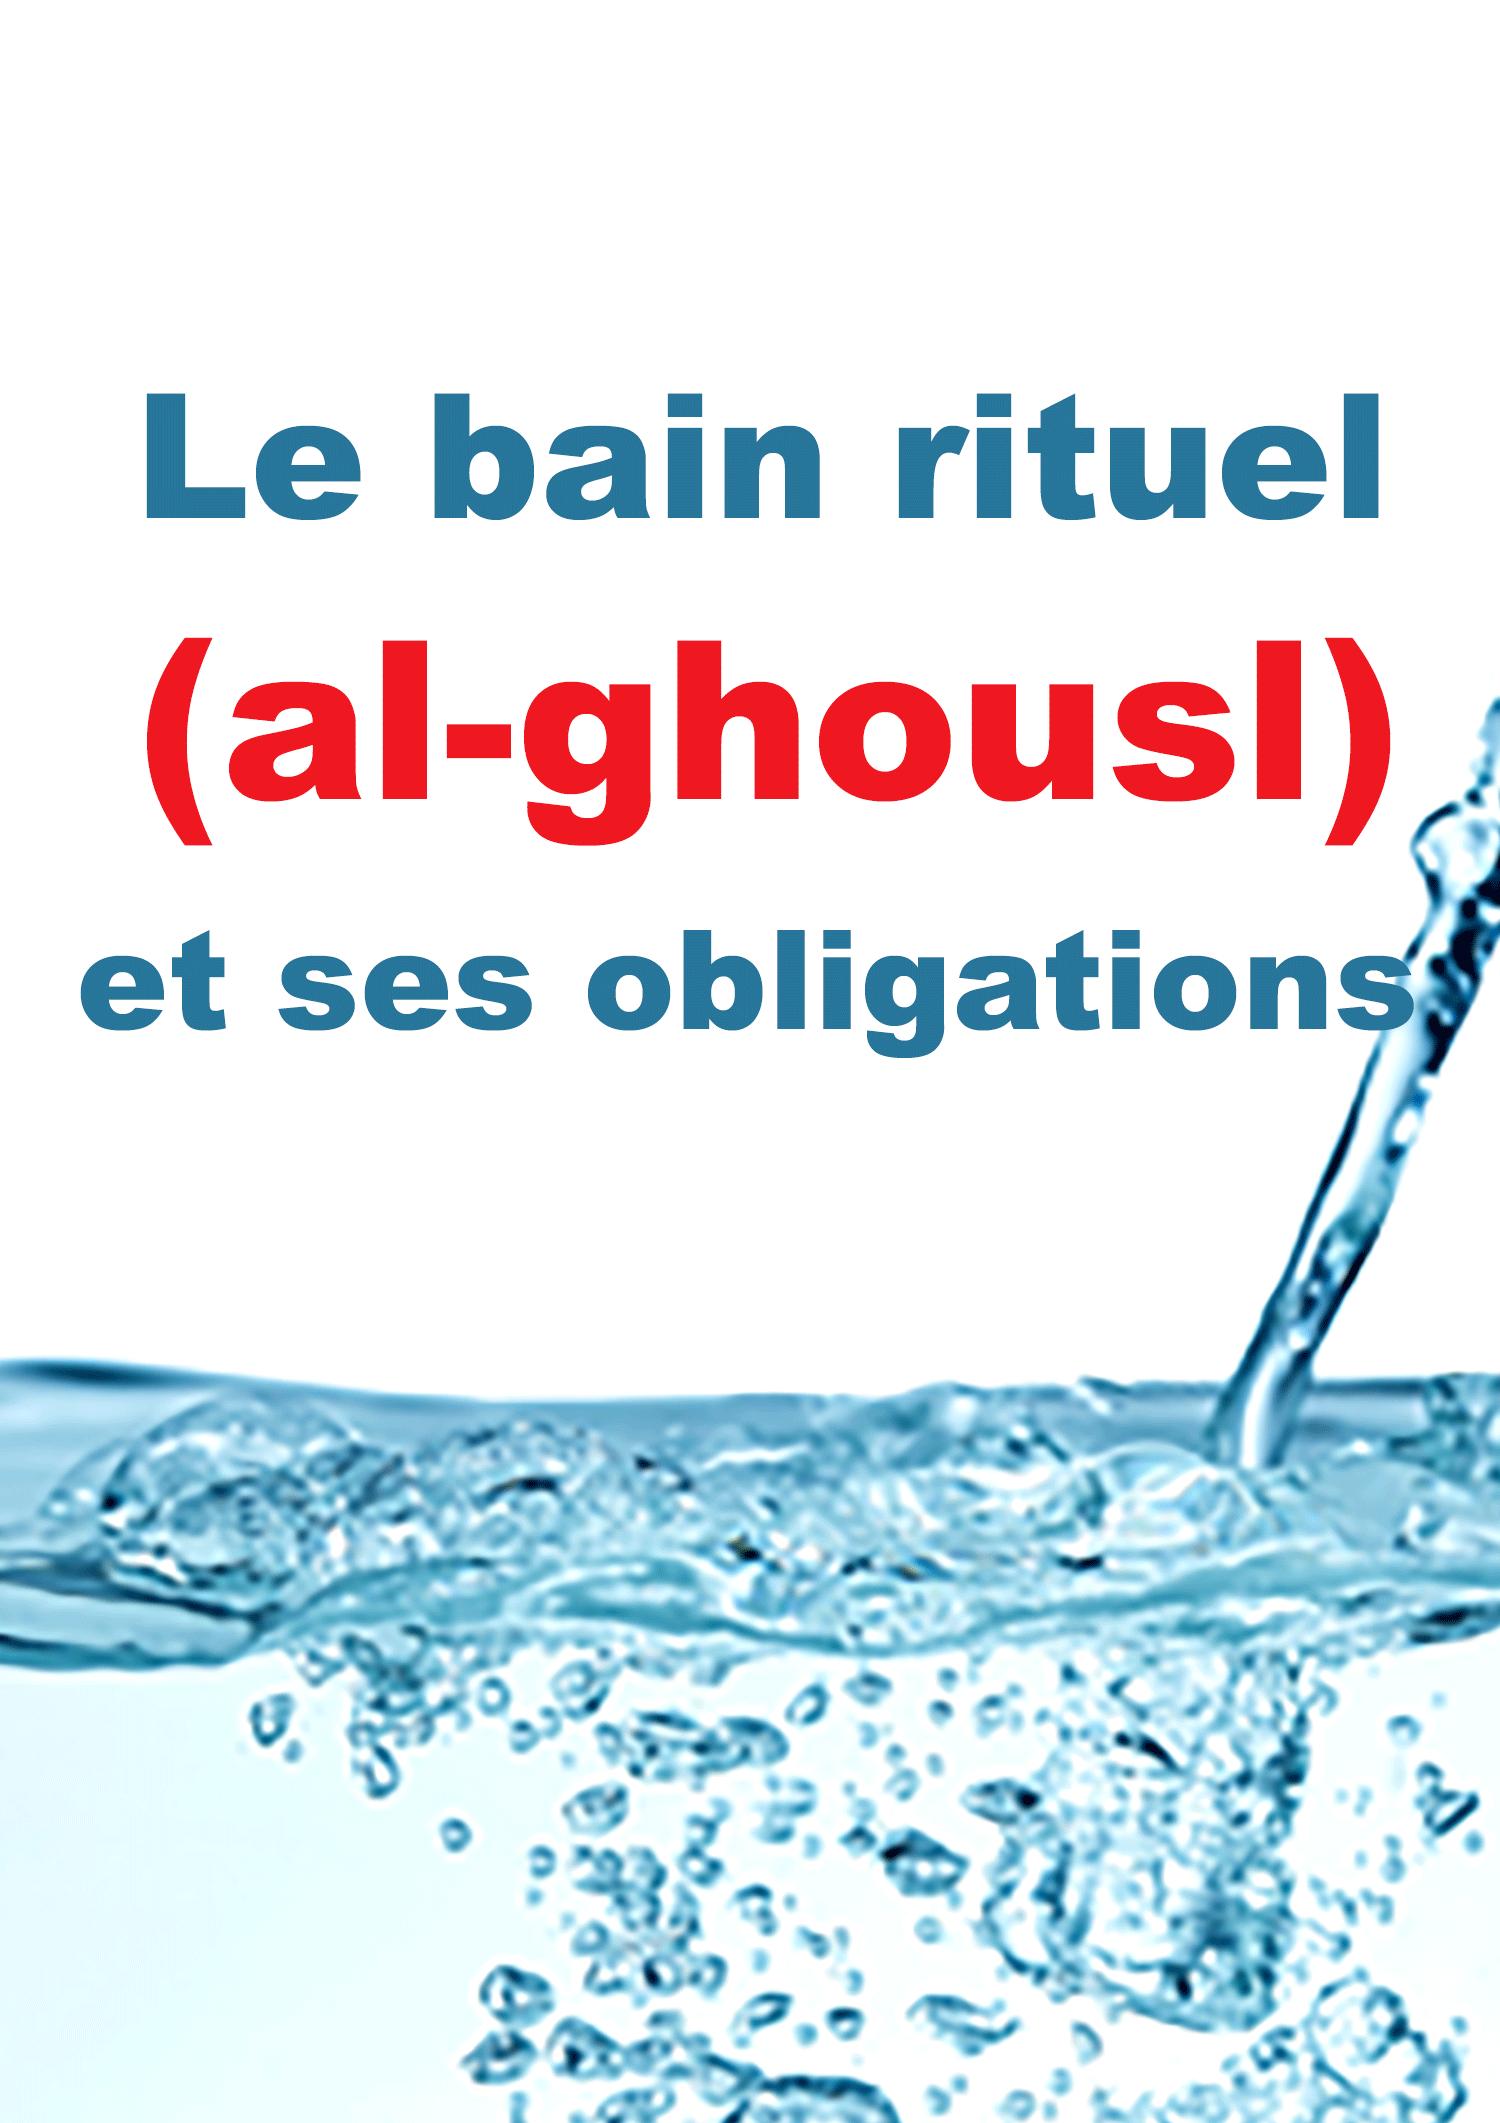 Le bain rituel (al-ghousl) et ses obligations